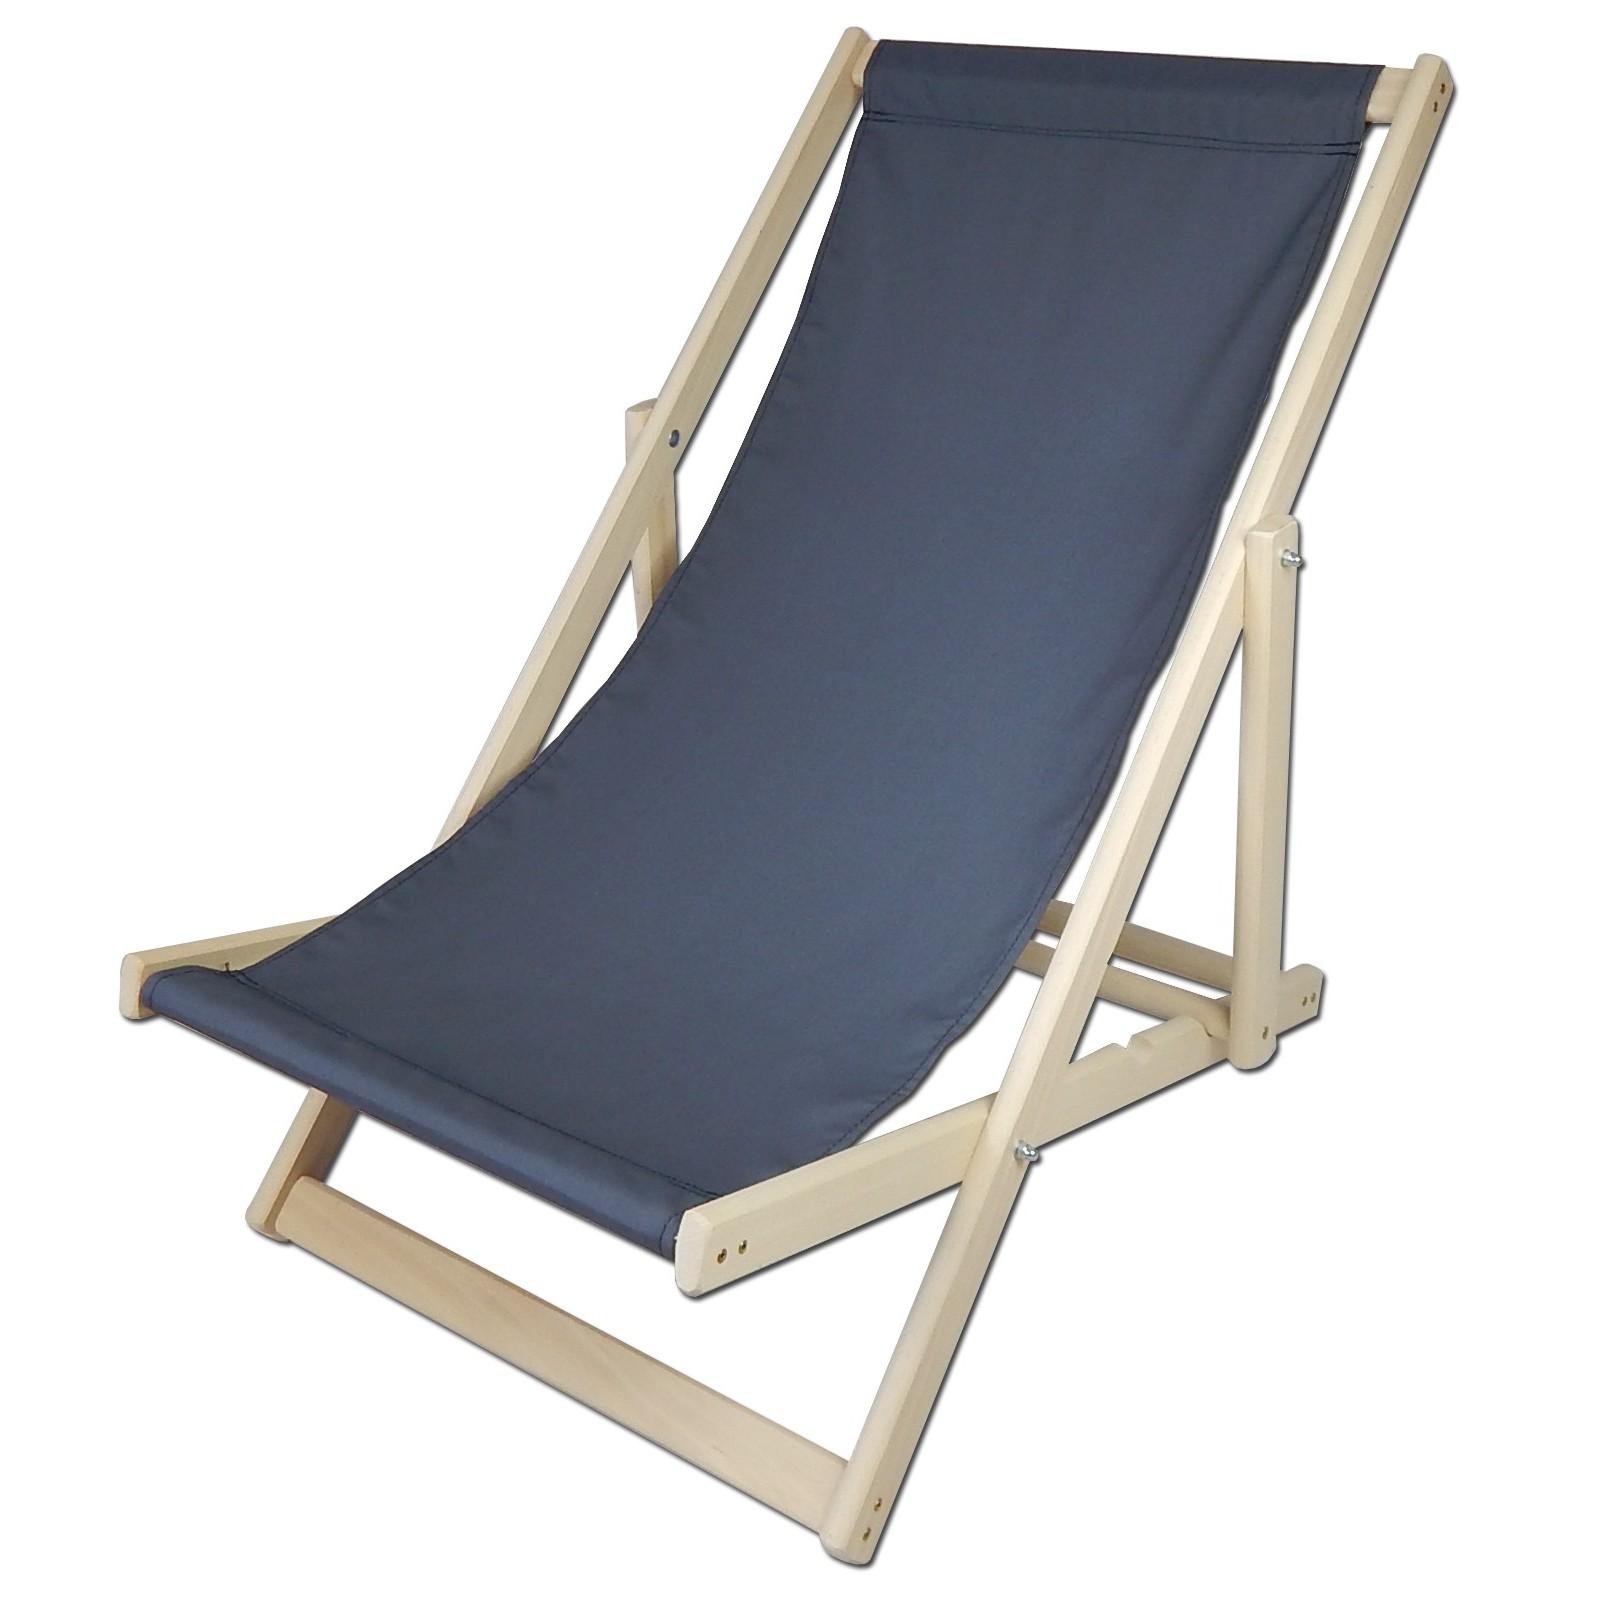 drevené kreslo buk 118x60cm 120kg na záhradu pláž megamix.sk